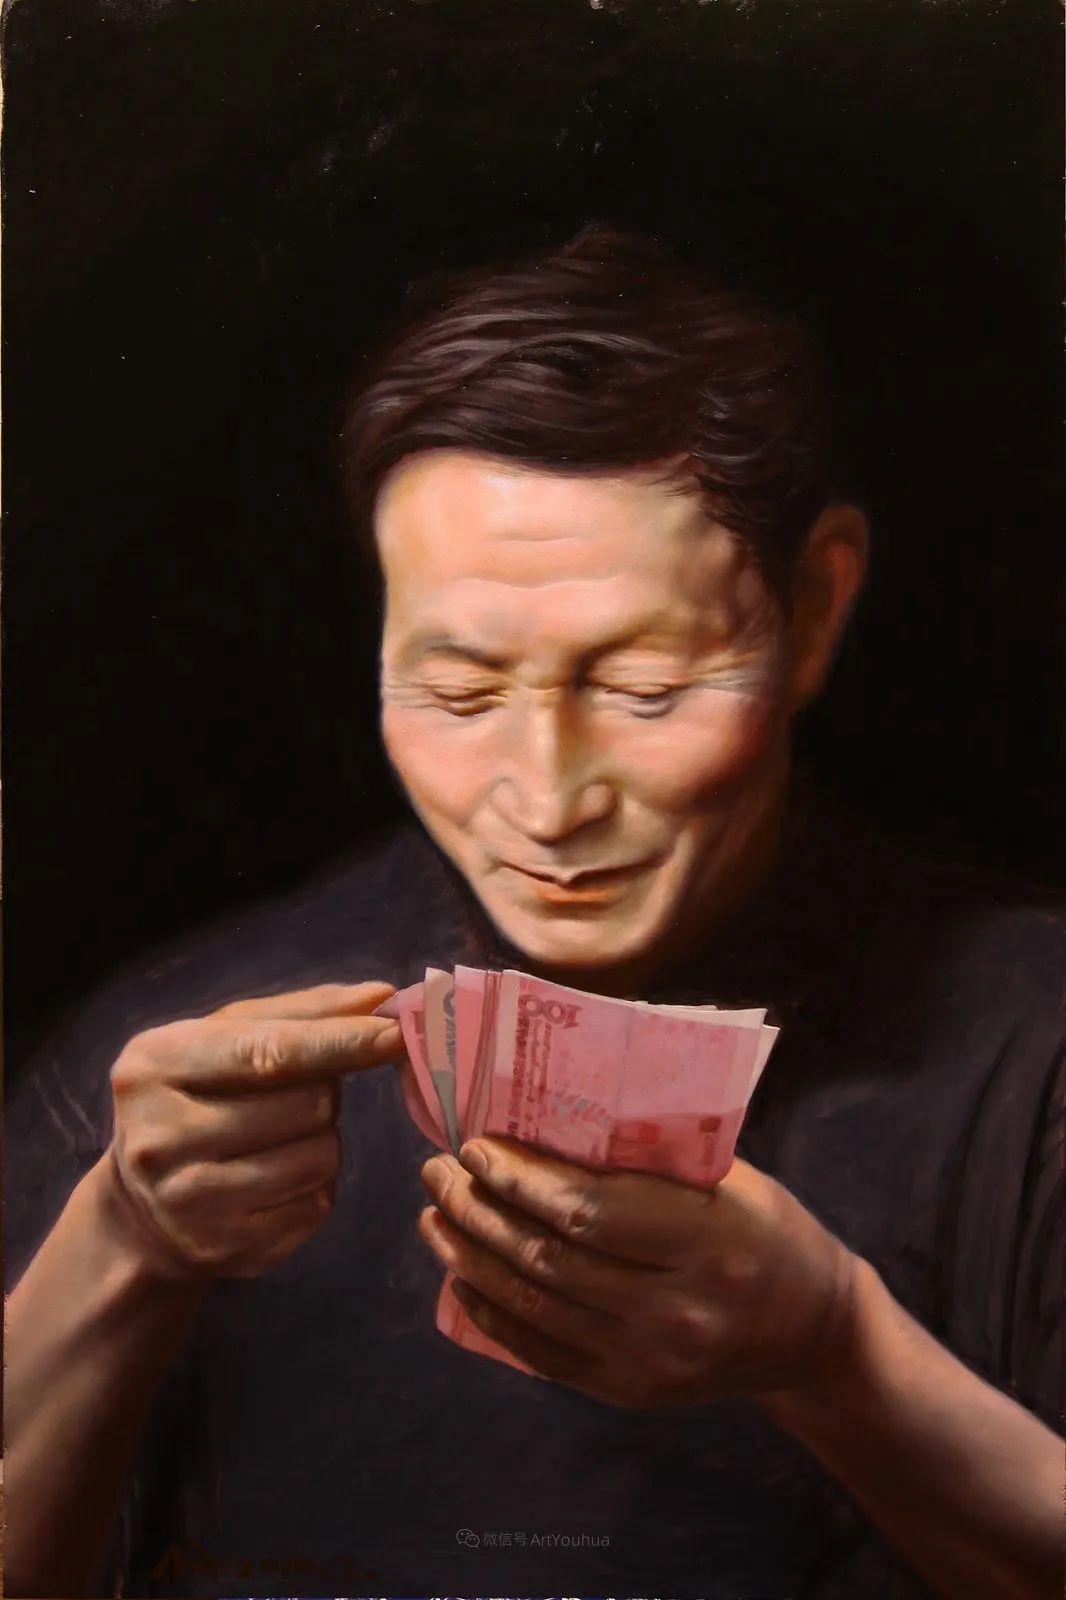 他主修计算机专业,却在32岁时突然要画画!马精虎作品欣赏插图82